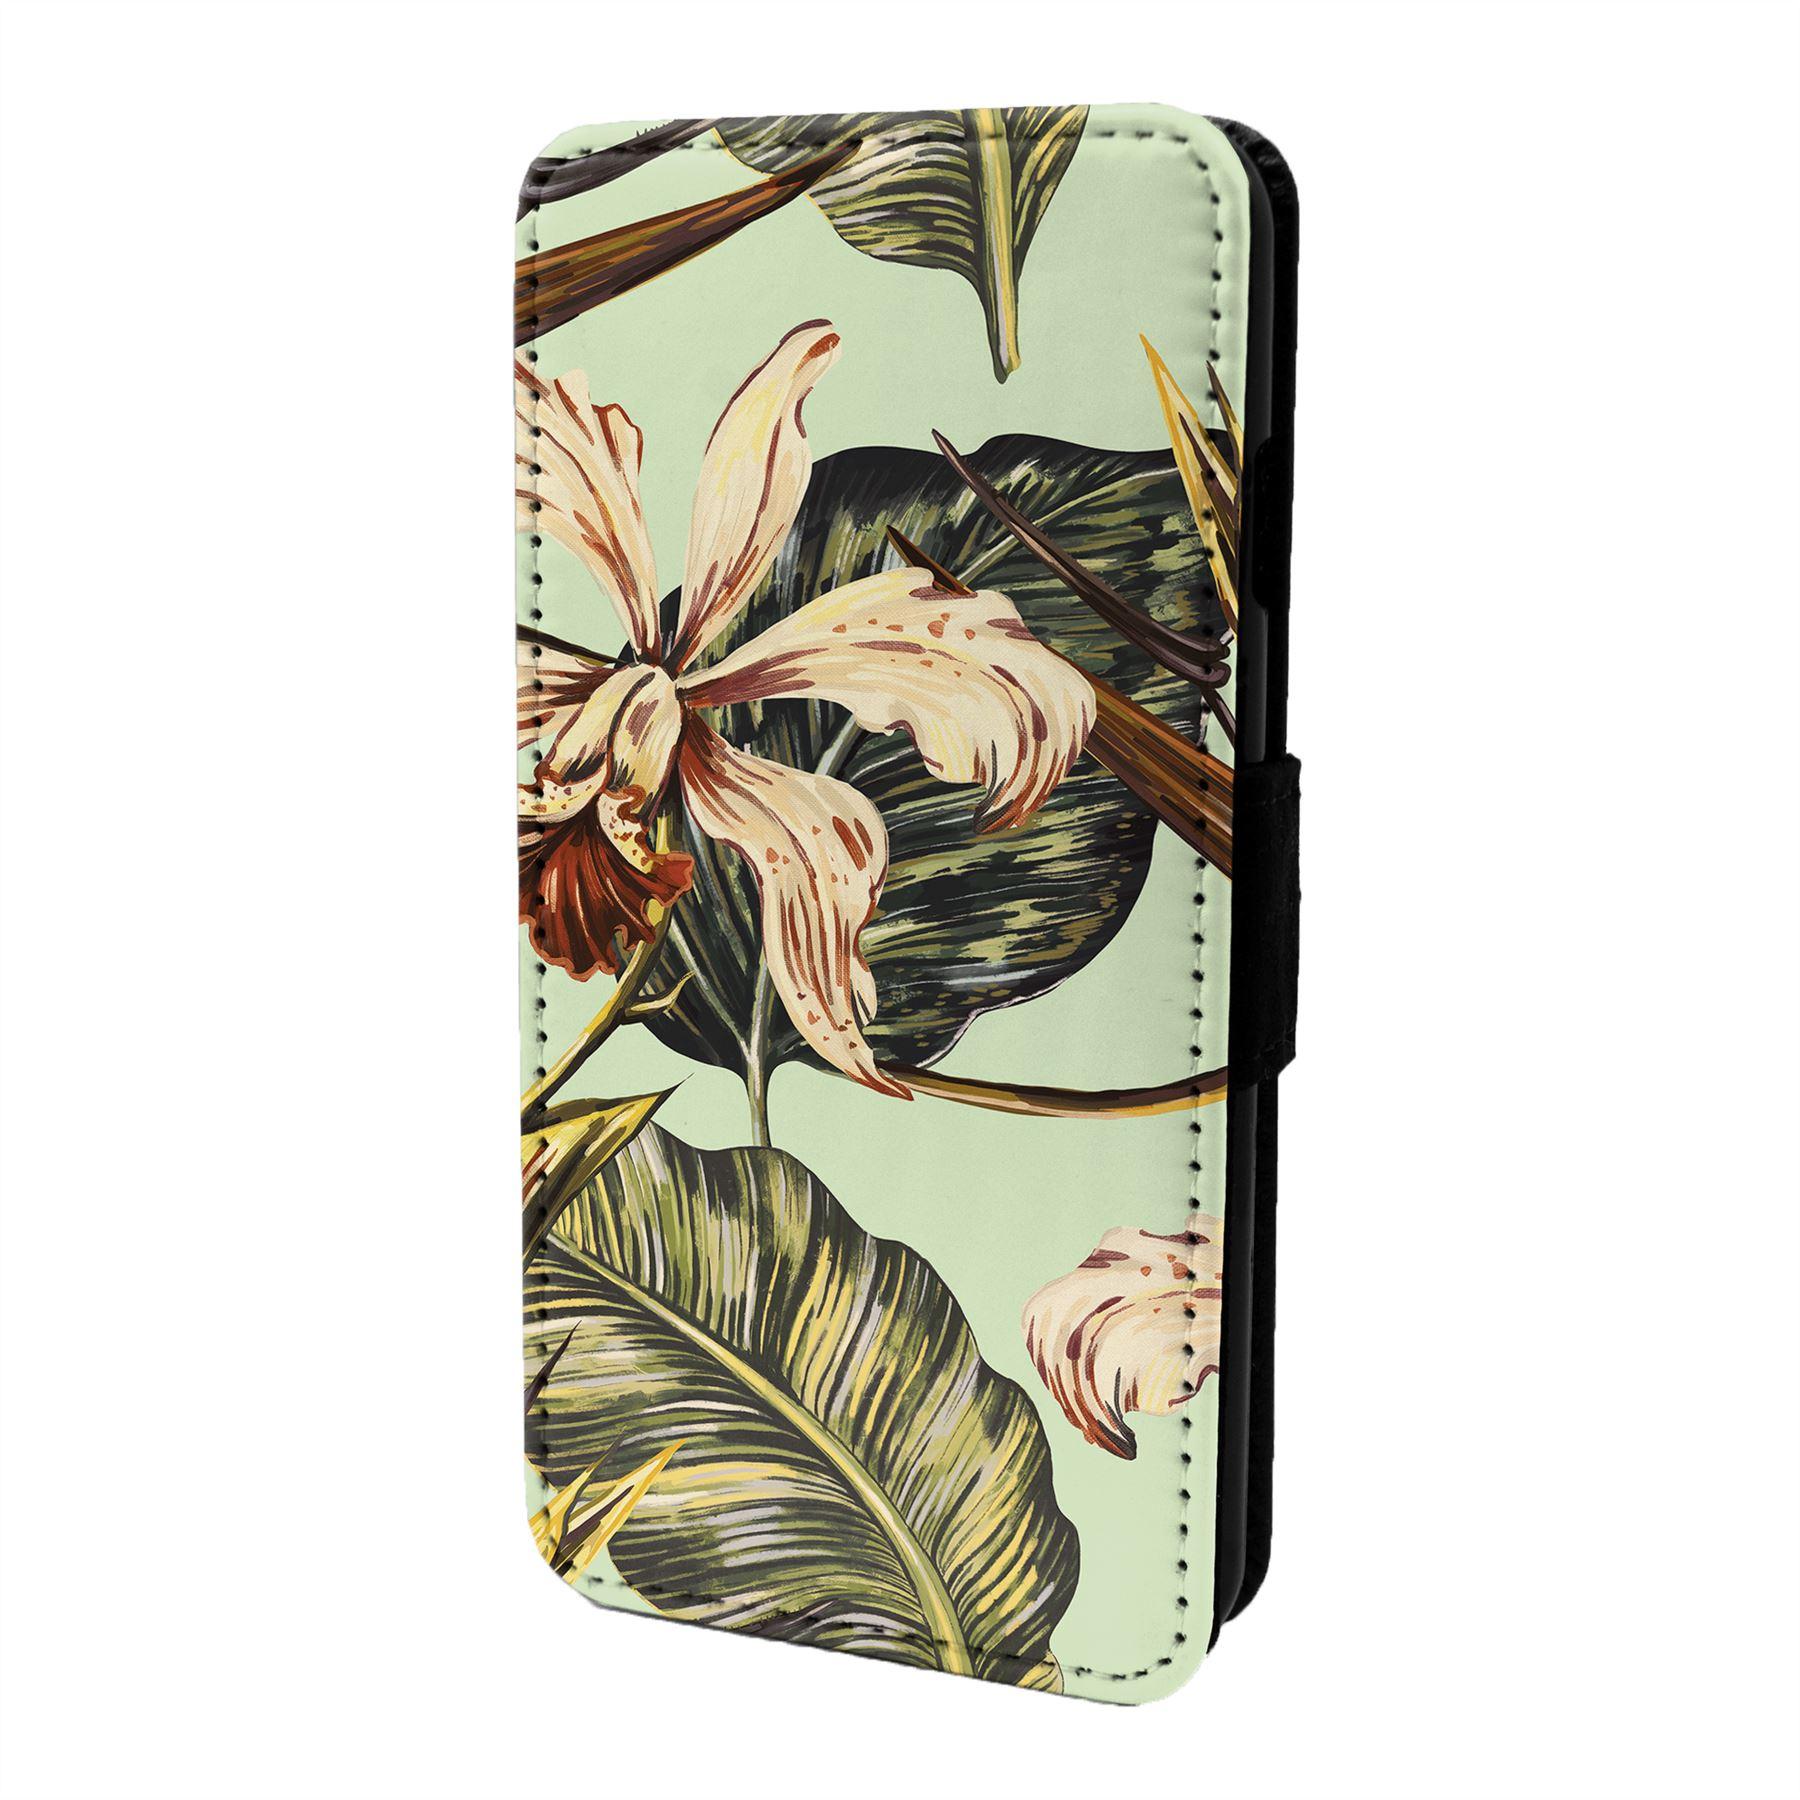 De-Flores-Diseno-Floral-Funda-Libro-para-Telefono-Movil-S6716